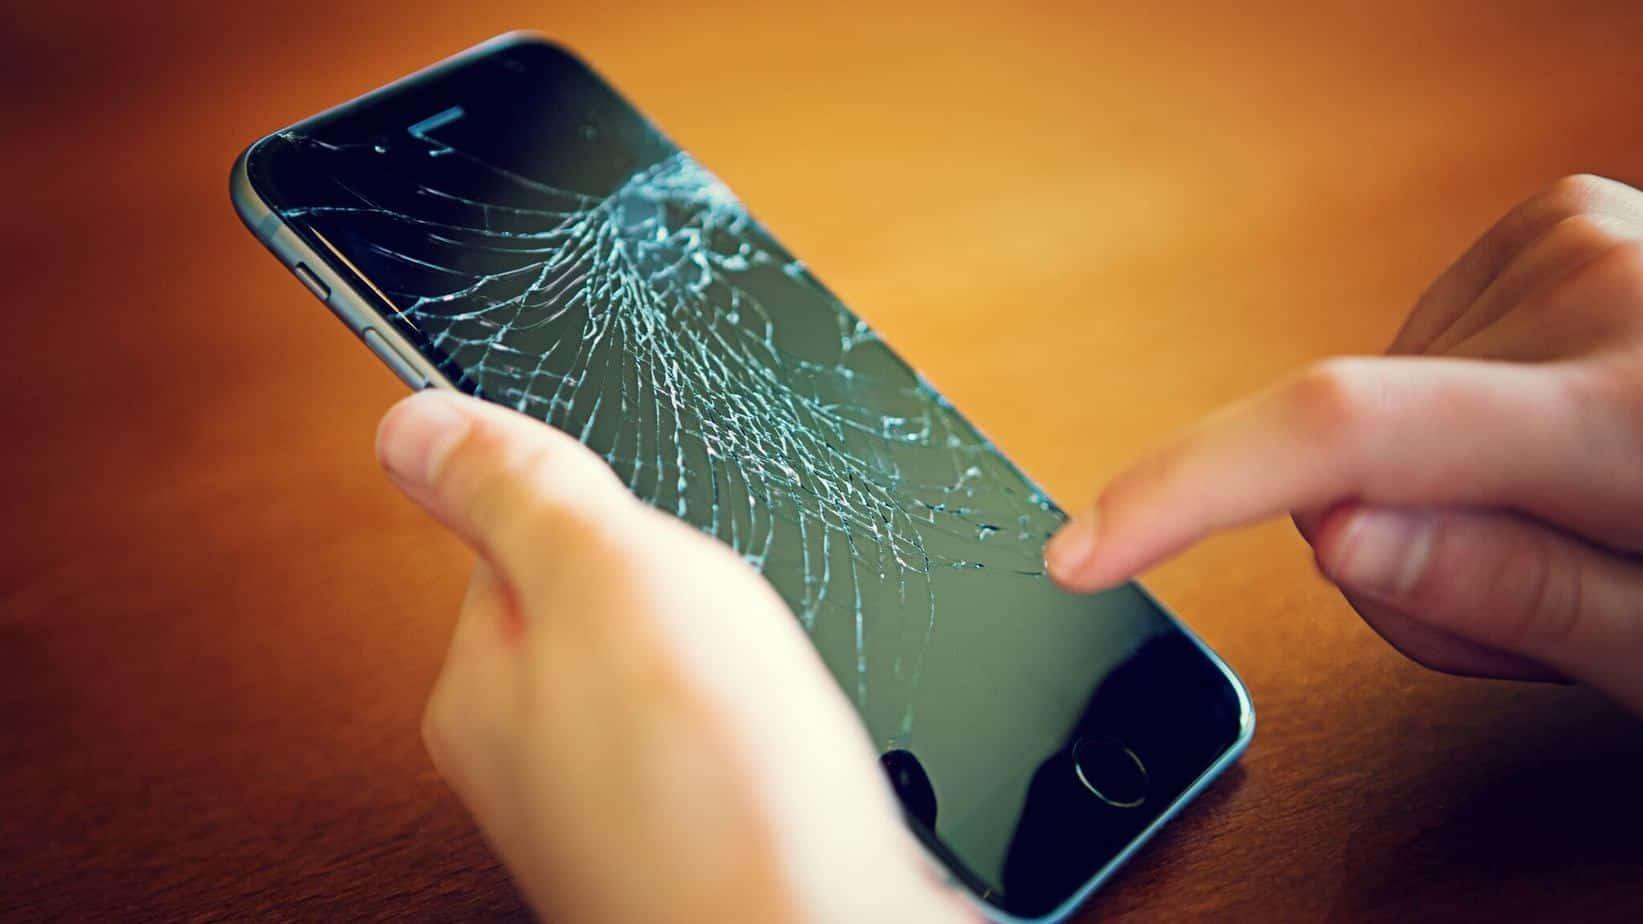 Self-Repairing Smartphones